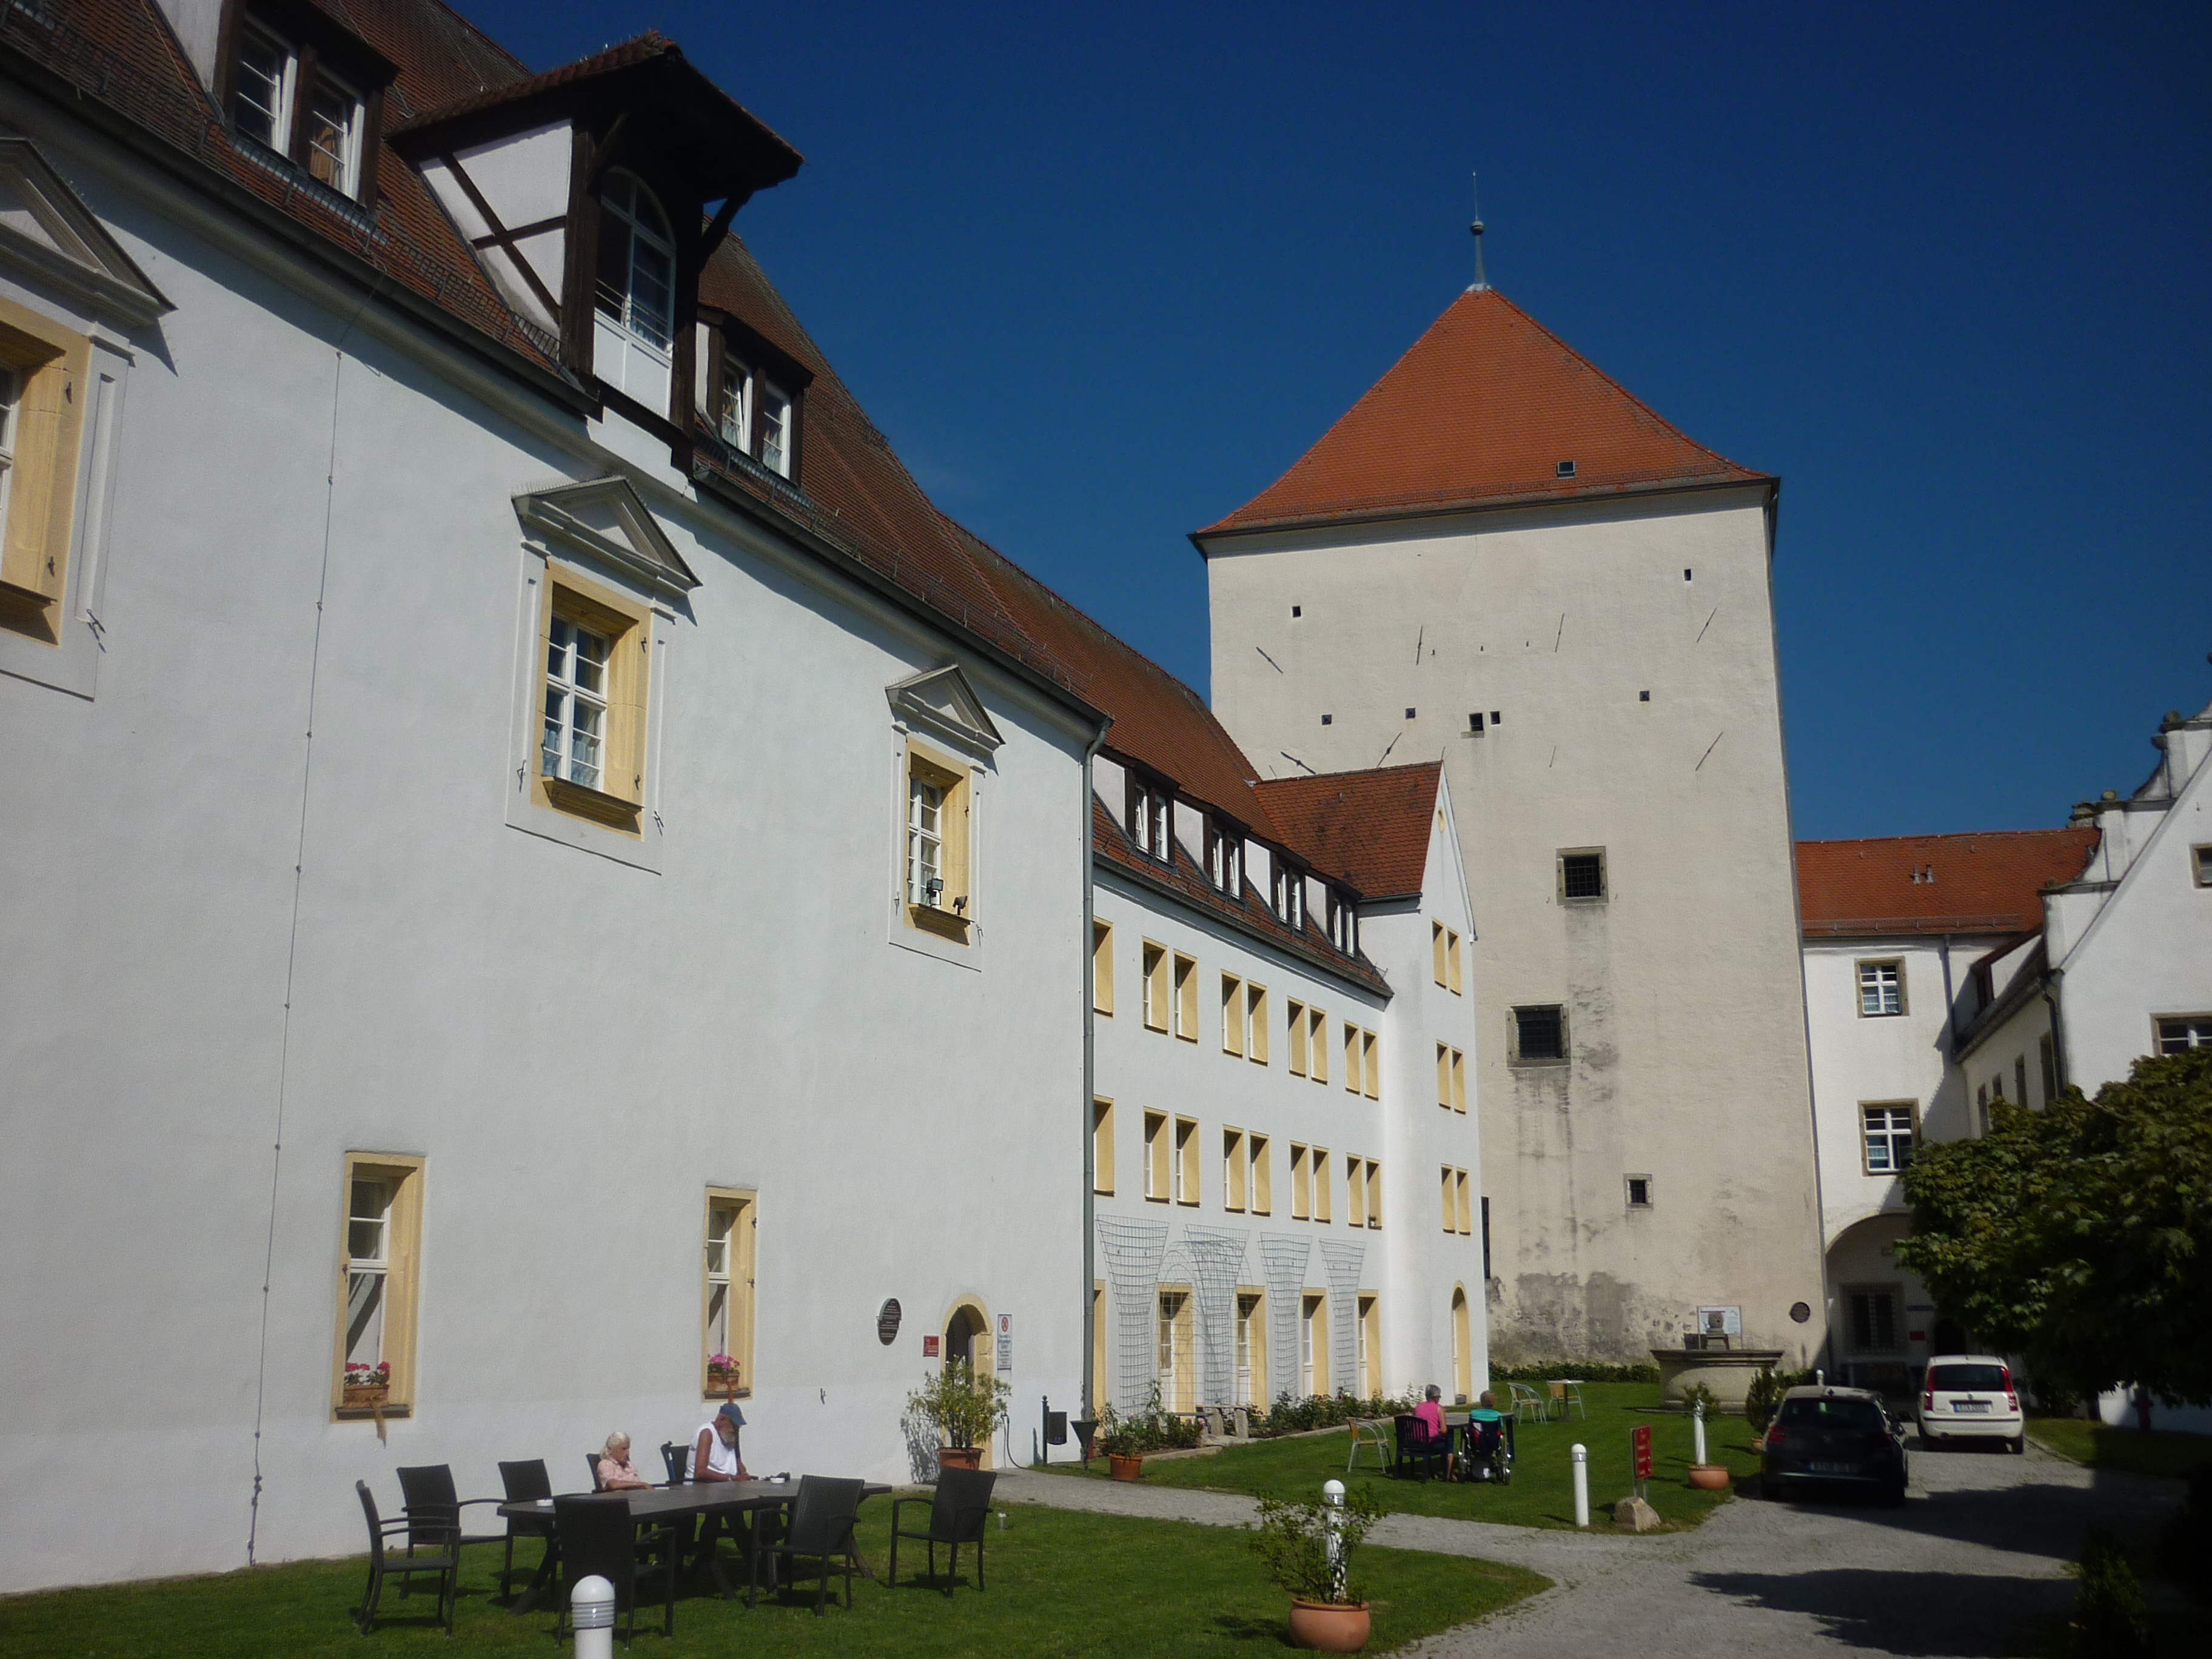 Burgfried anzeigen bekanntschaften. Geidorf frauen aus treffen